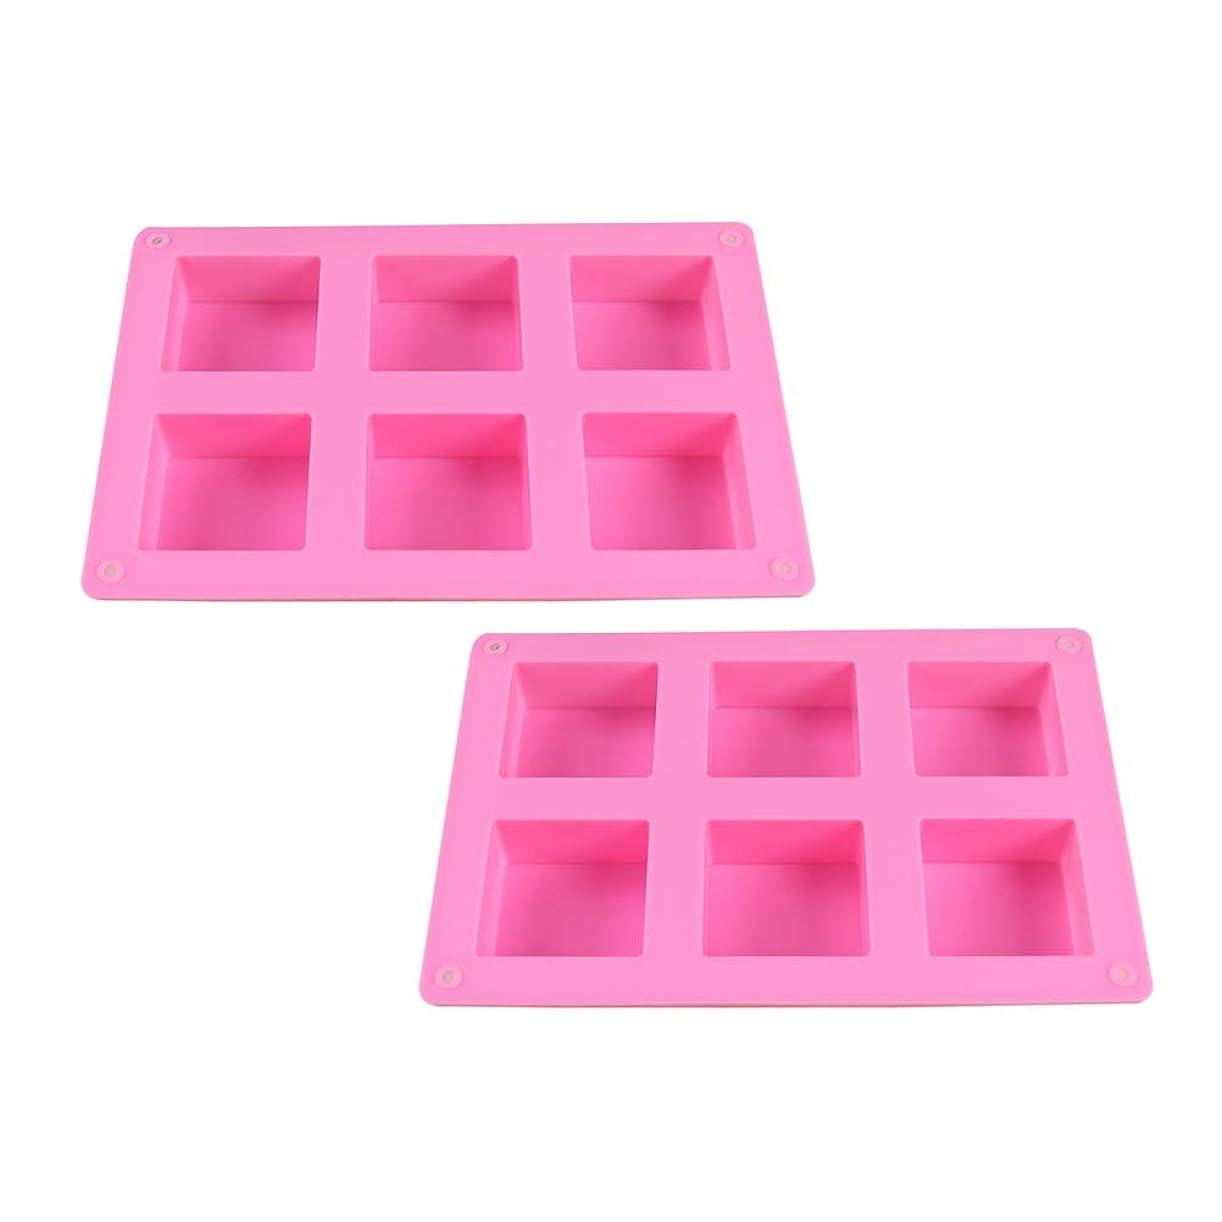 急速な故国ジムHEALIFTY DIYのケーキのベーキング型のための6つのキャビティシリコーンの石鹸型との石鹸作りのための2PCS石鹸型